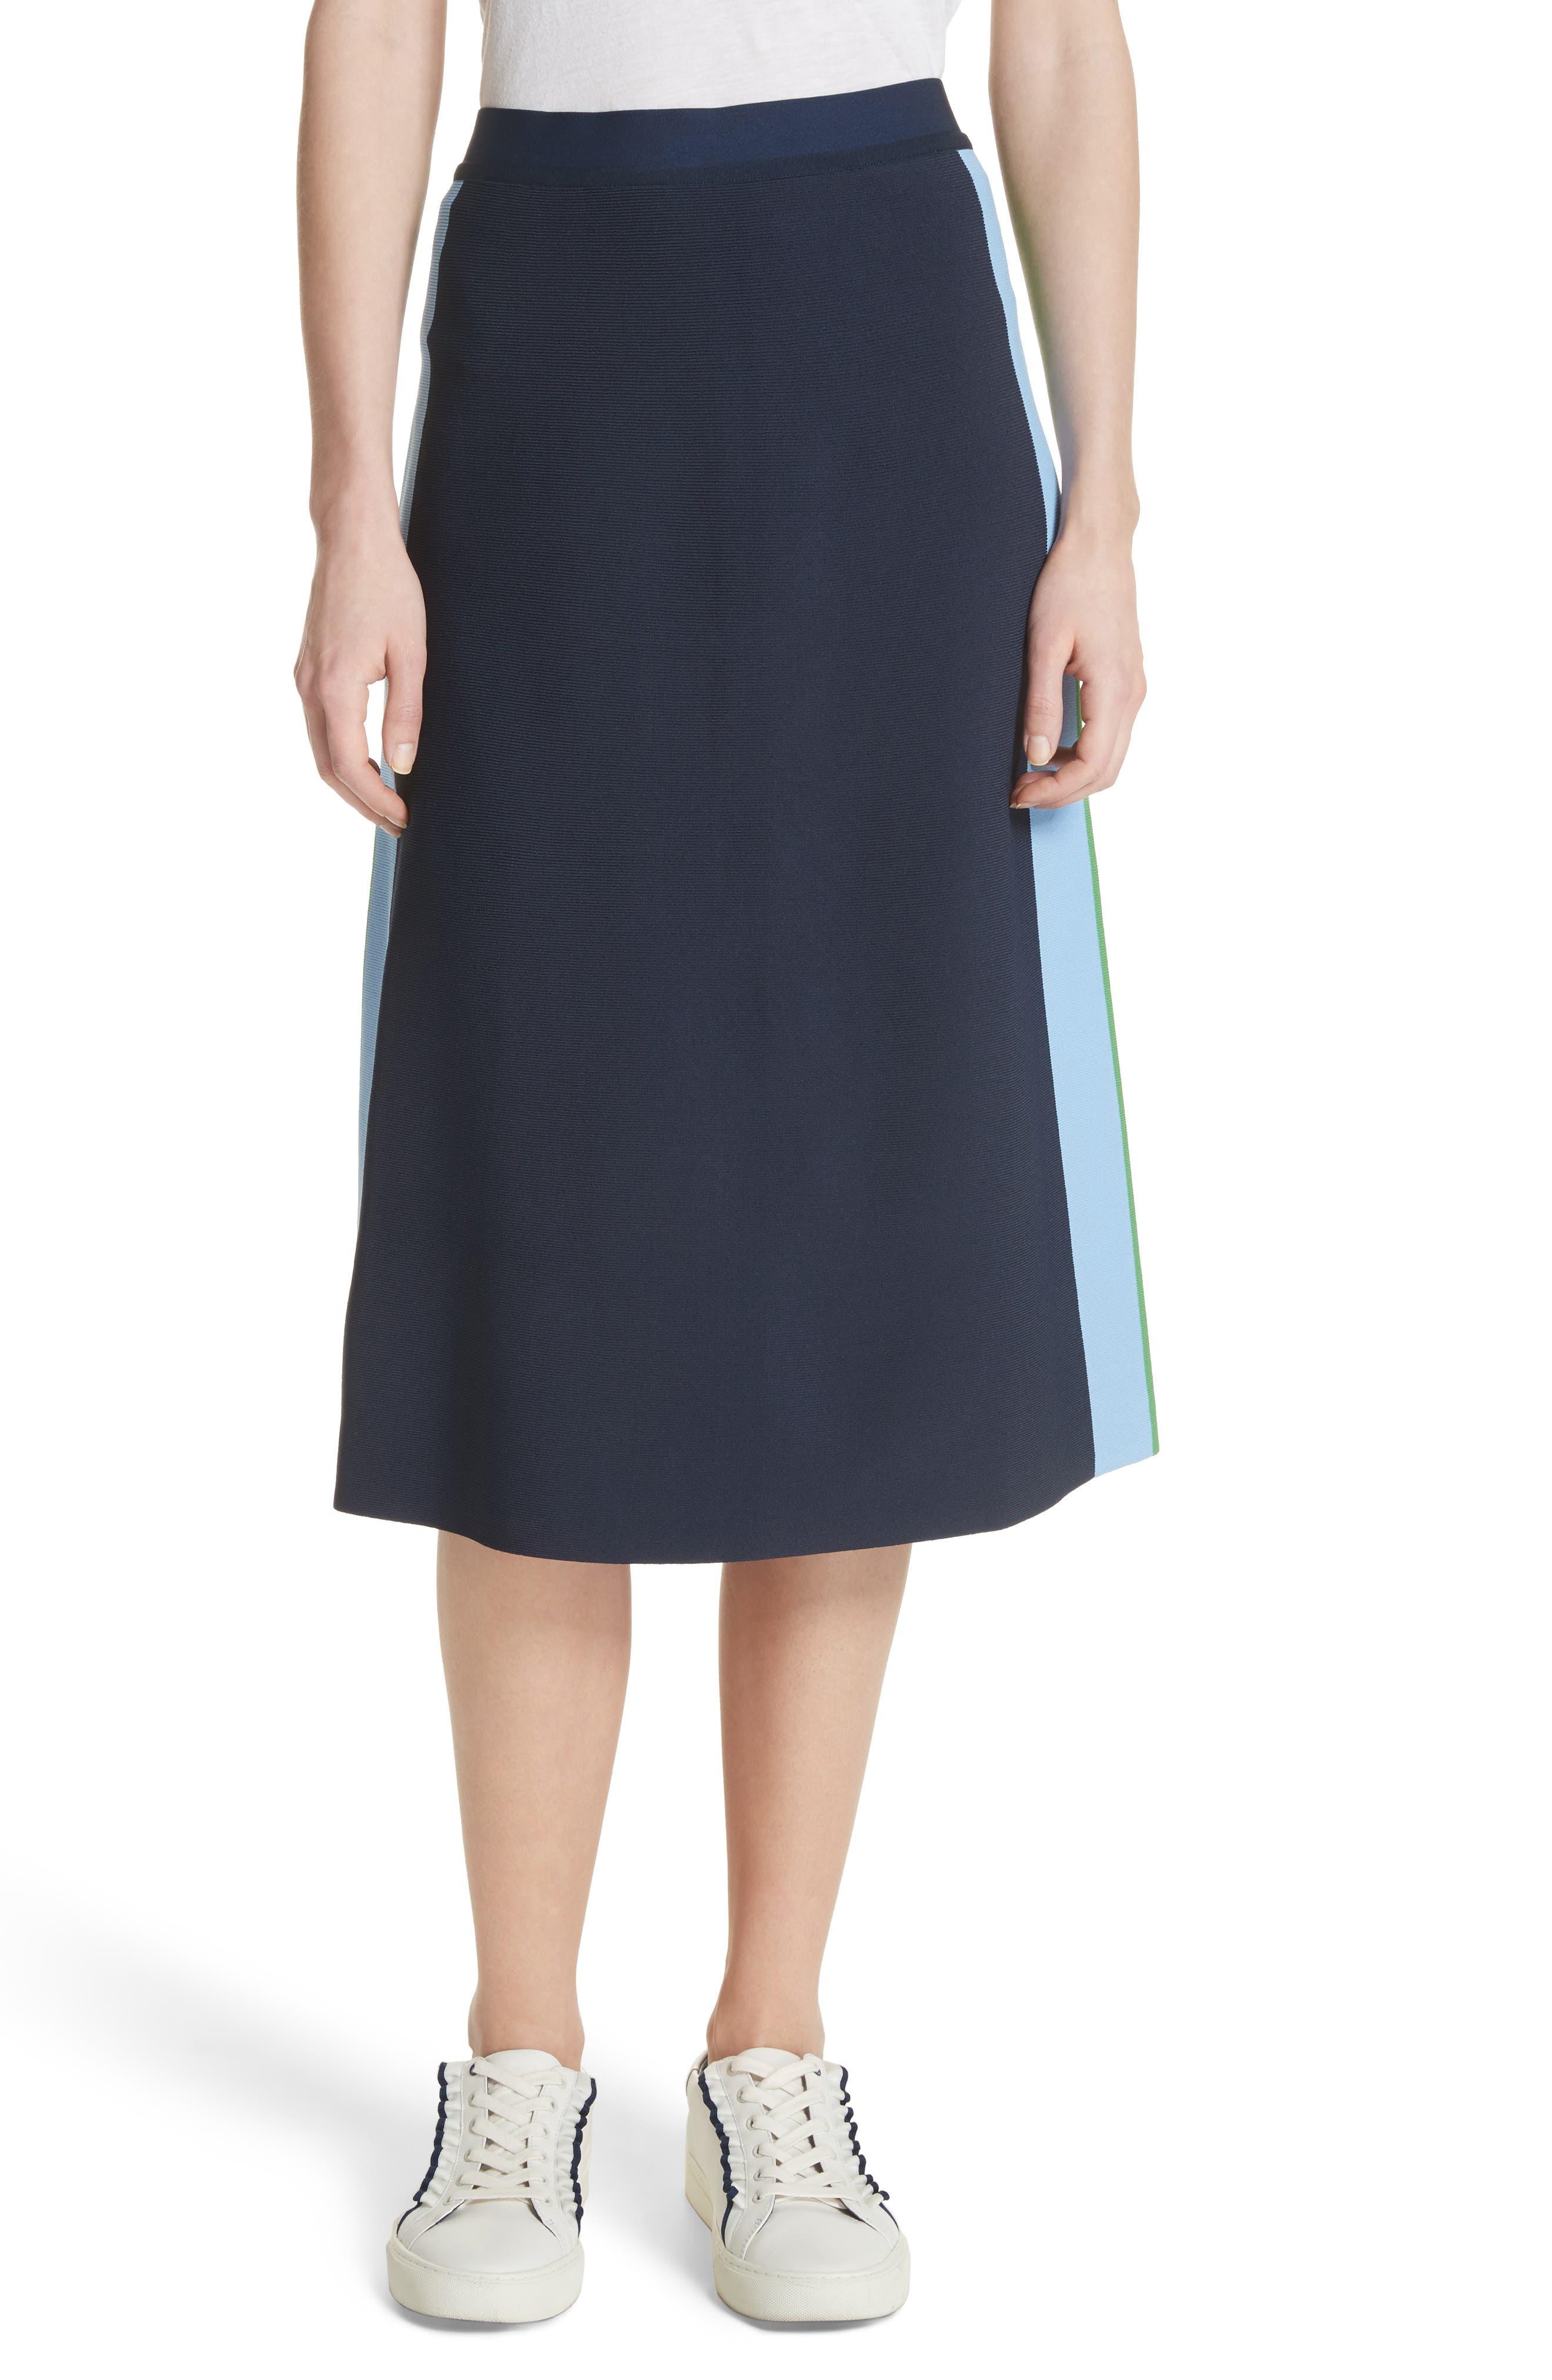 Tory Sport Tech Knit Colorblock Skirt